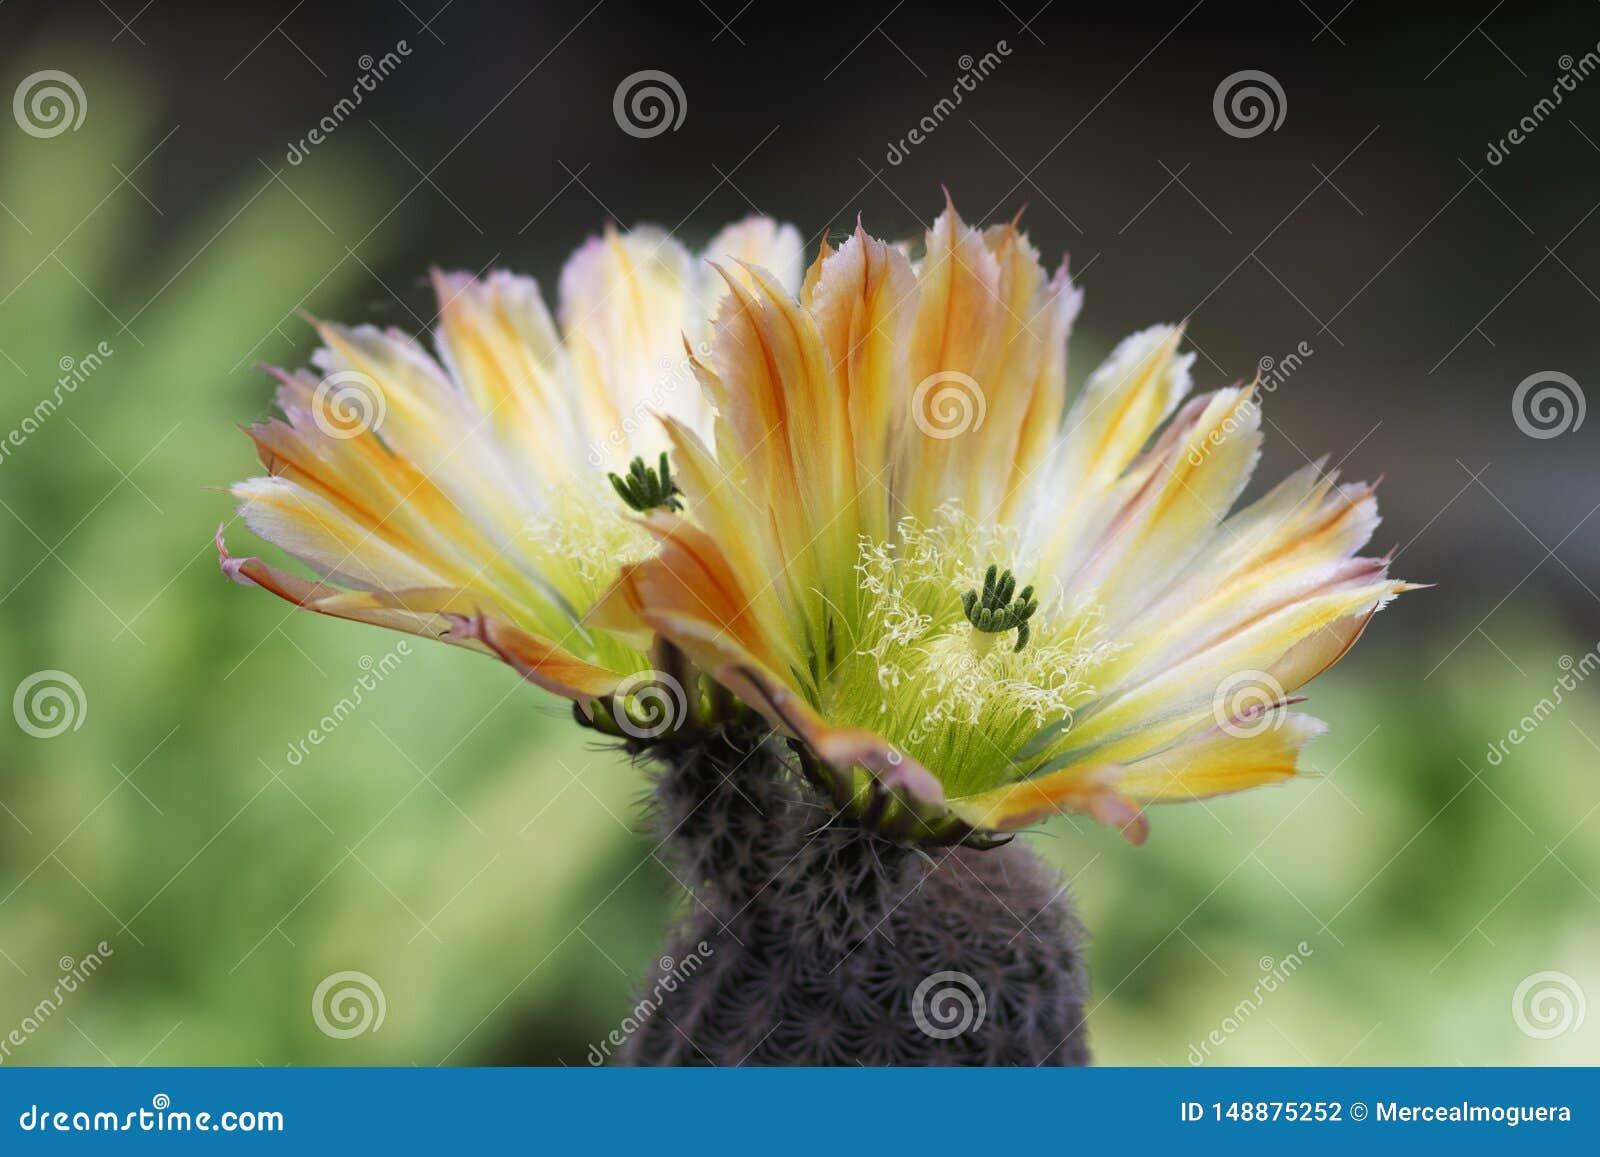 Cacto amarelo da flor no para desativar o fundo do jardim